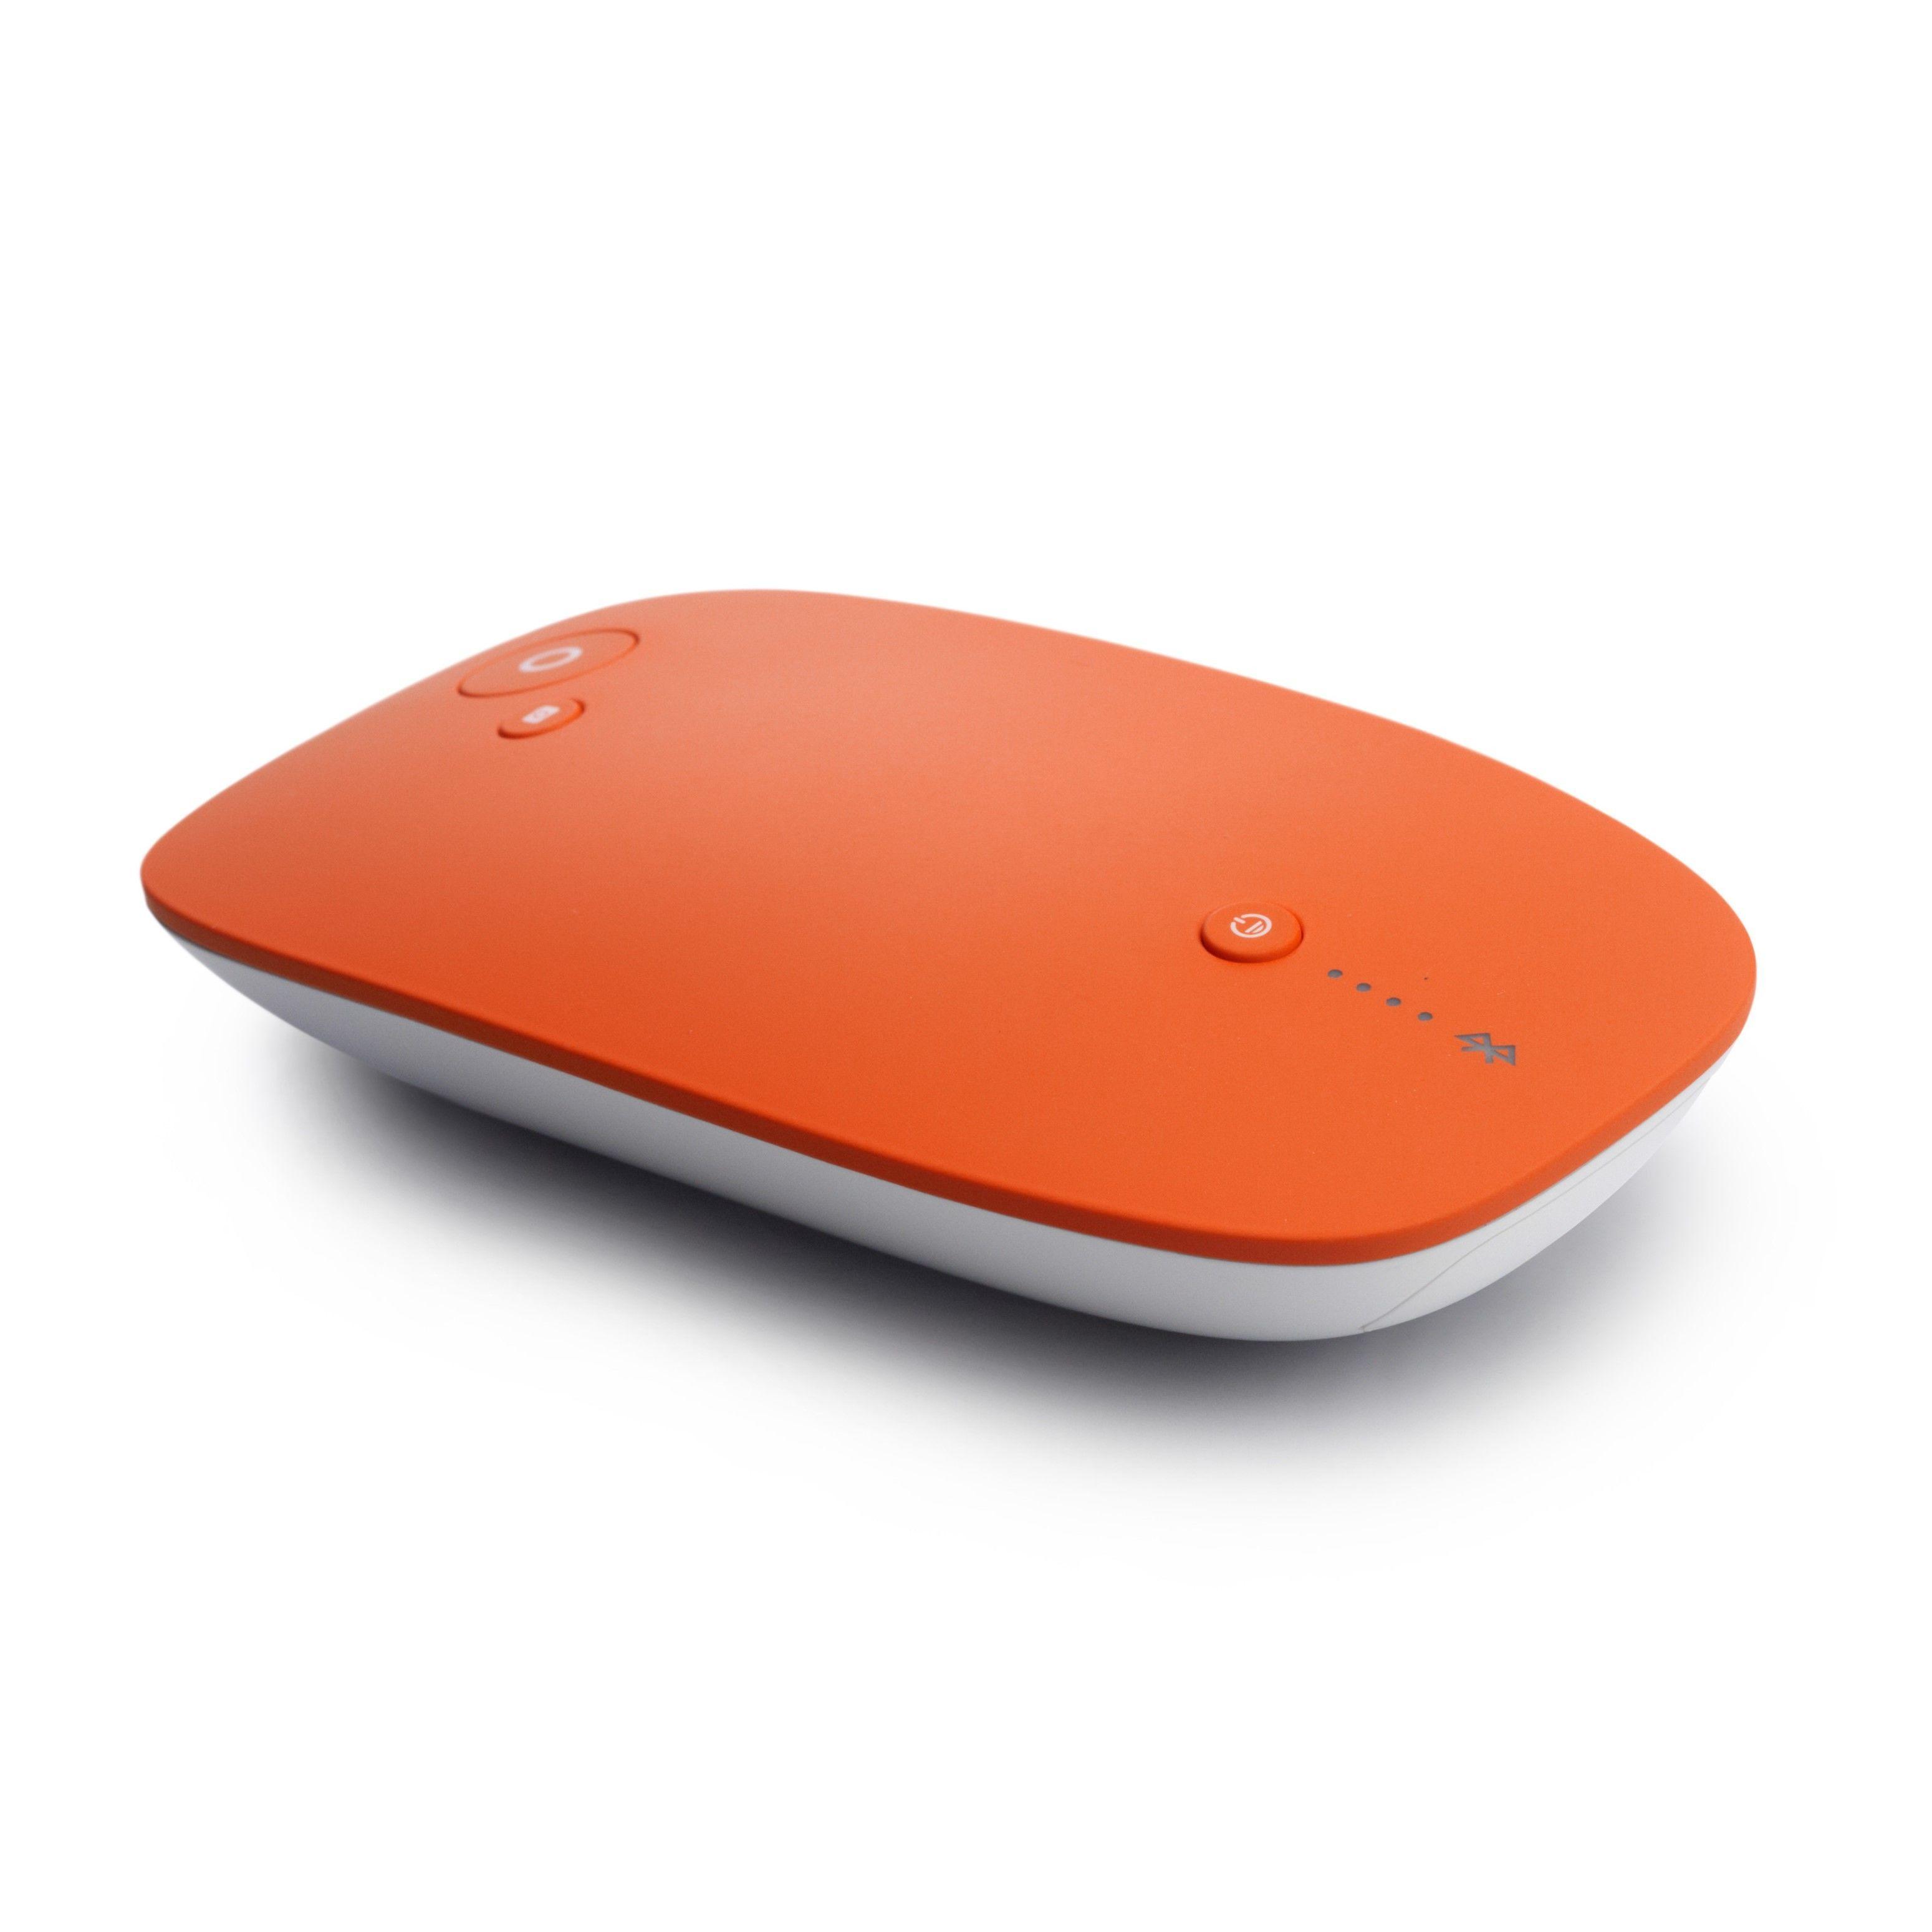 エッセンシャル・プラス Essential Plus【Orange】Size: 133 x 66 x 30 mm